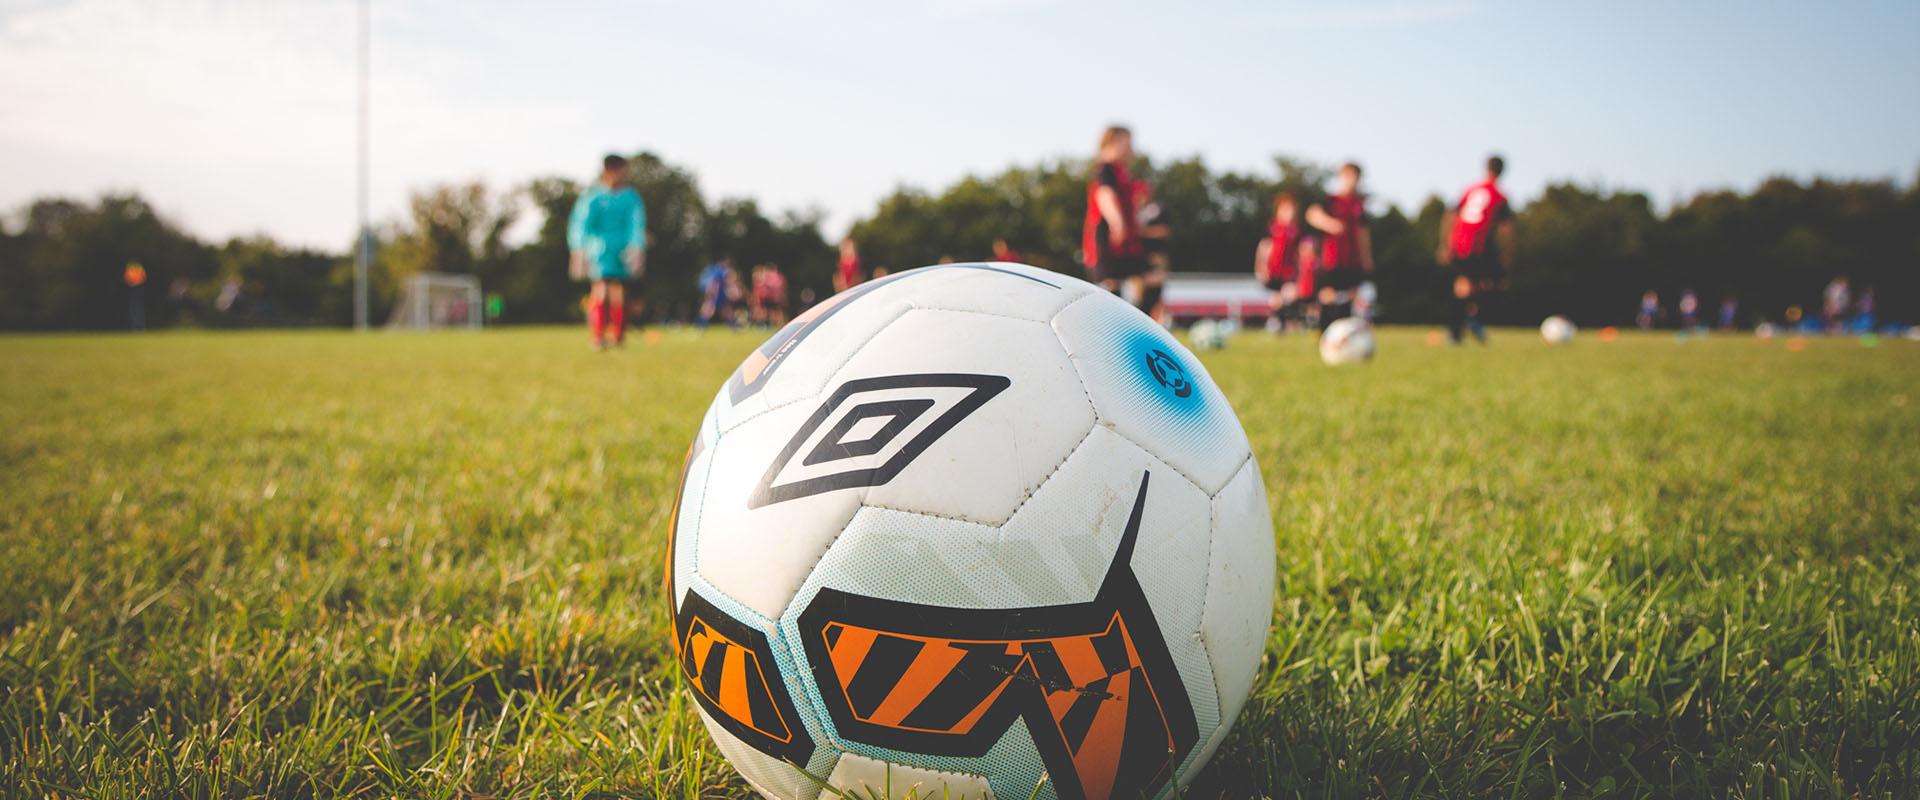 Cavan FC